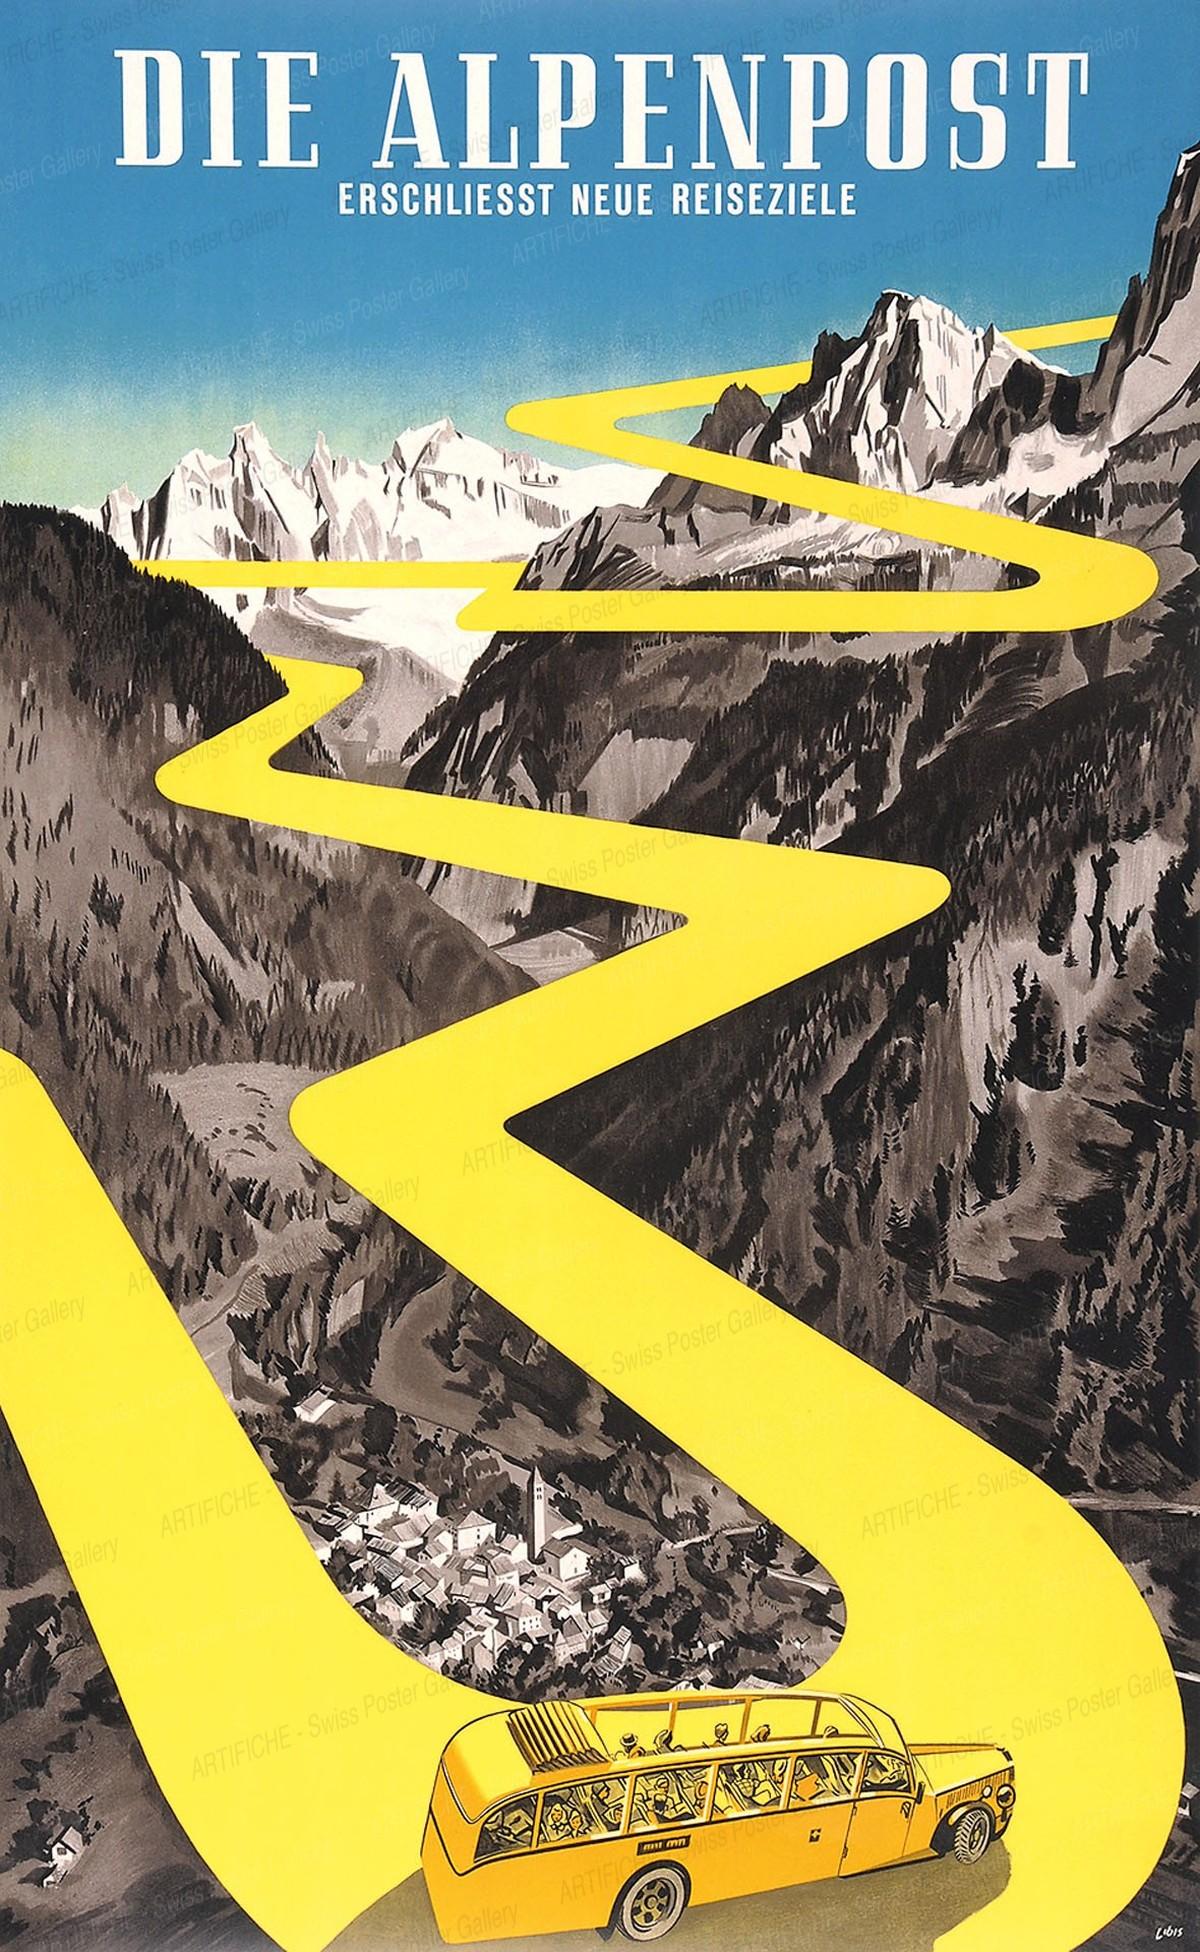 Die Alpenpost erschliesst neue Reiseziele, Herbert Berthold Libiszewski